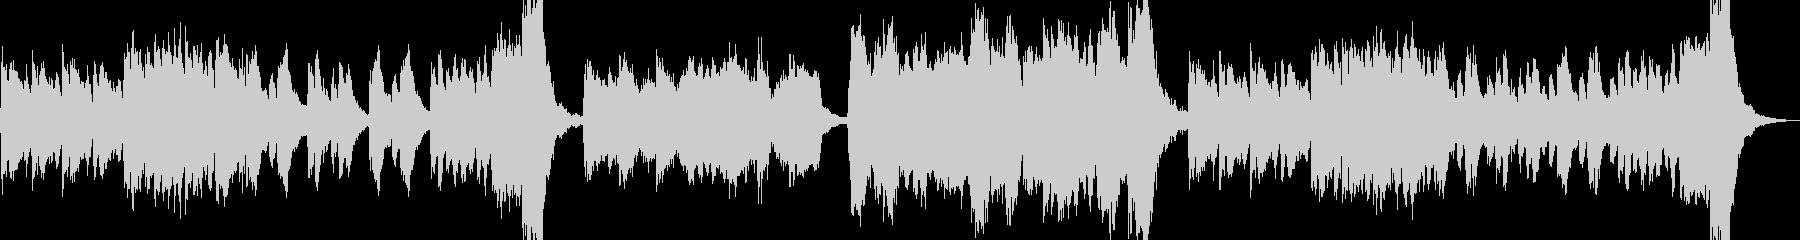 ハロウィンに合うホラー風オーケストラの未再生の波形